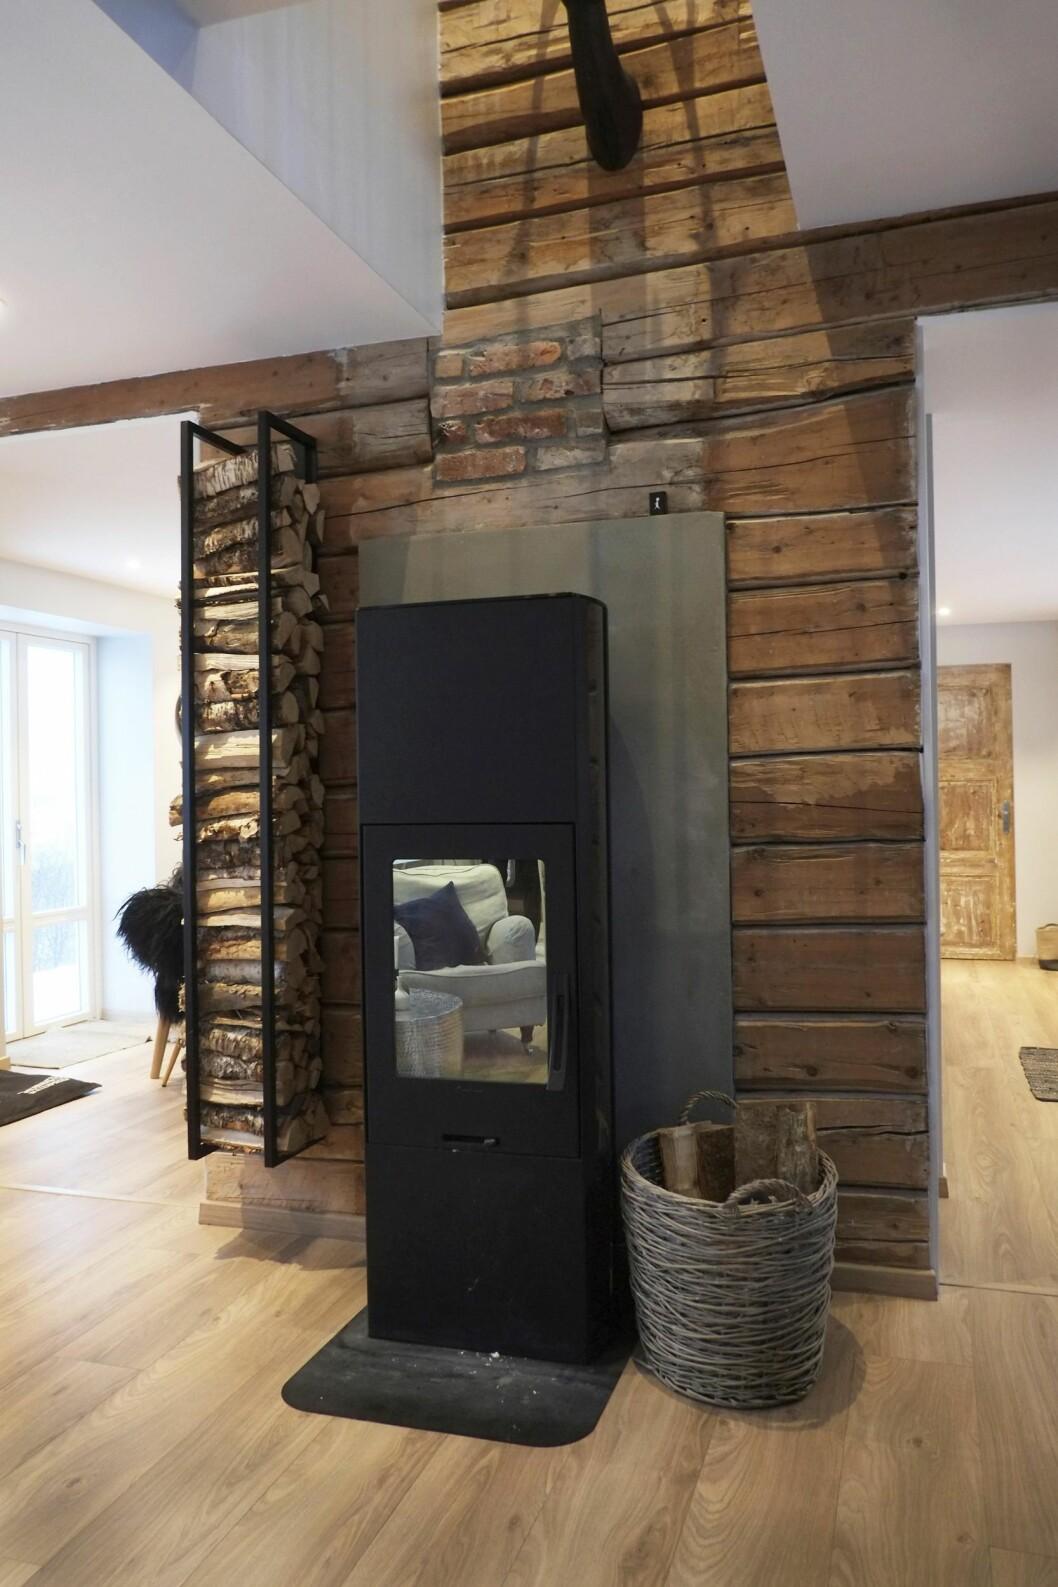 VARMEKILDE: Husets gamle etasjeovner er nå erstattet av en ny. Det gamle tømmeret skaper en stemning fra fordums dager. Foto: Hege Landrø Johnsen